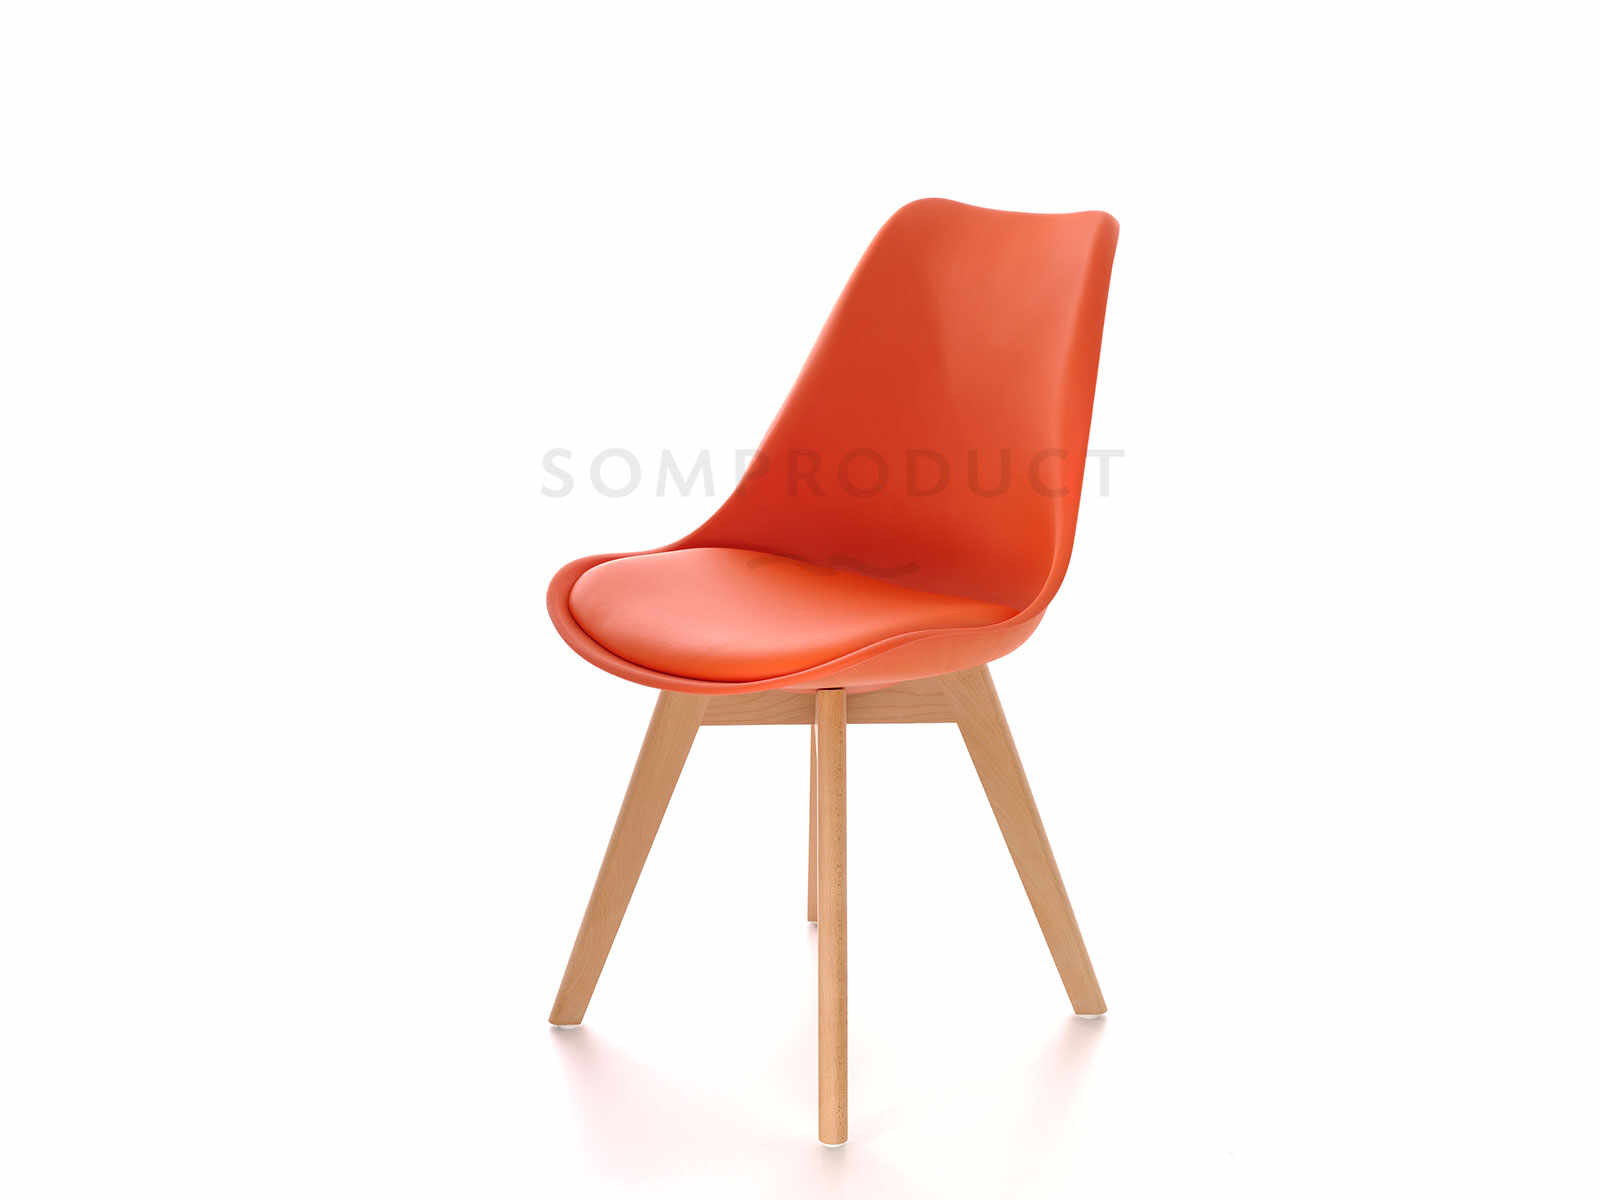 Scaun din plastic cu picioare din lemn si sezut tapitat cu piele ecologica Sven Orange, l46xA43xH80 cm la pret 200 lei